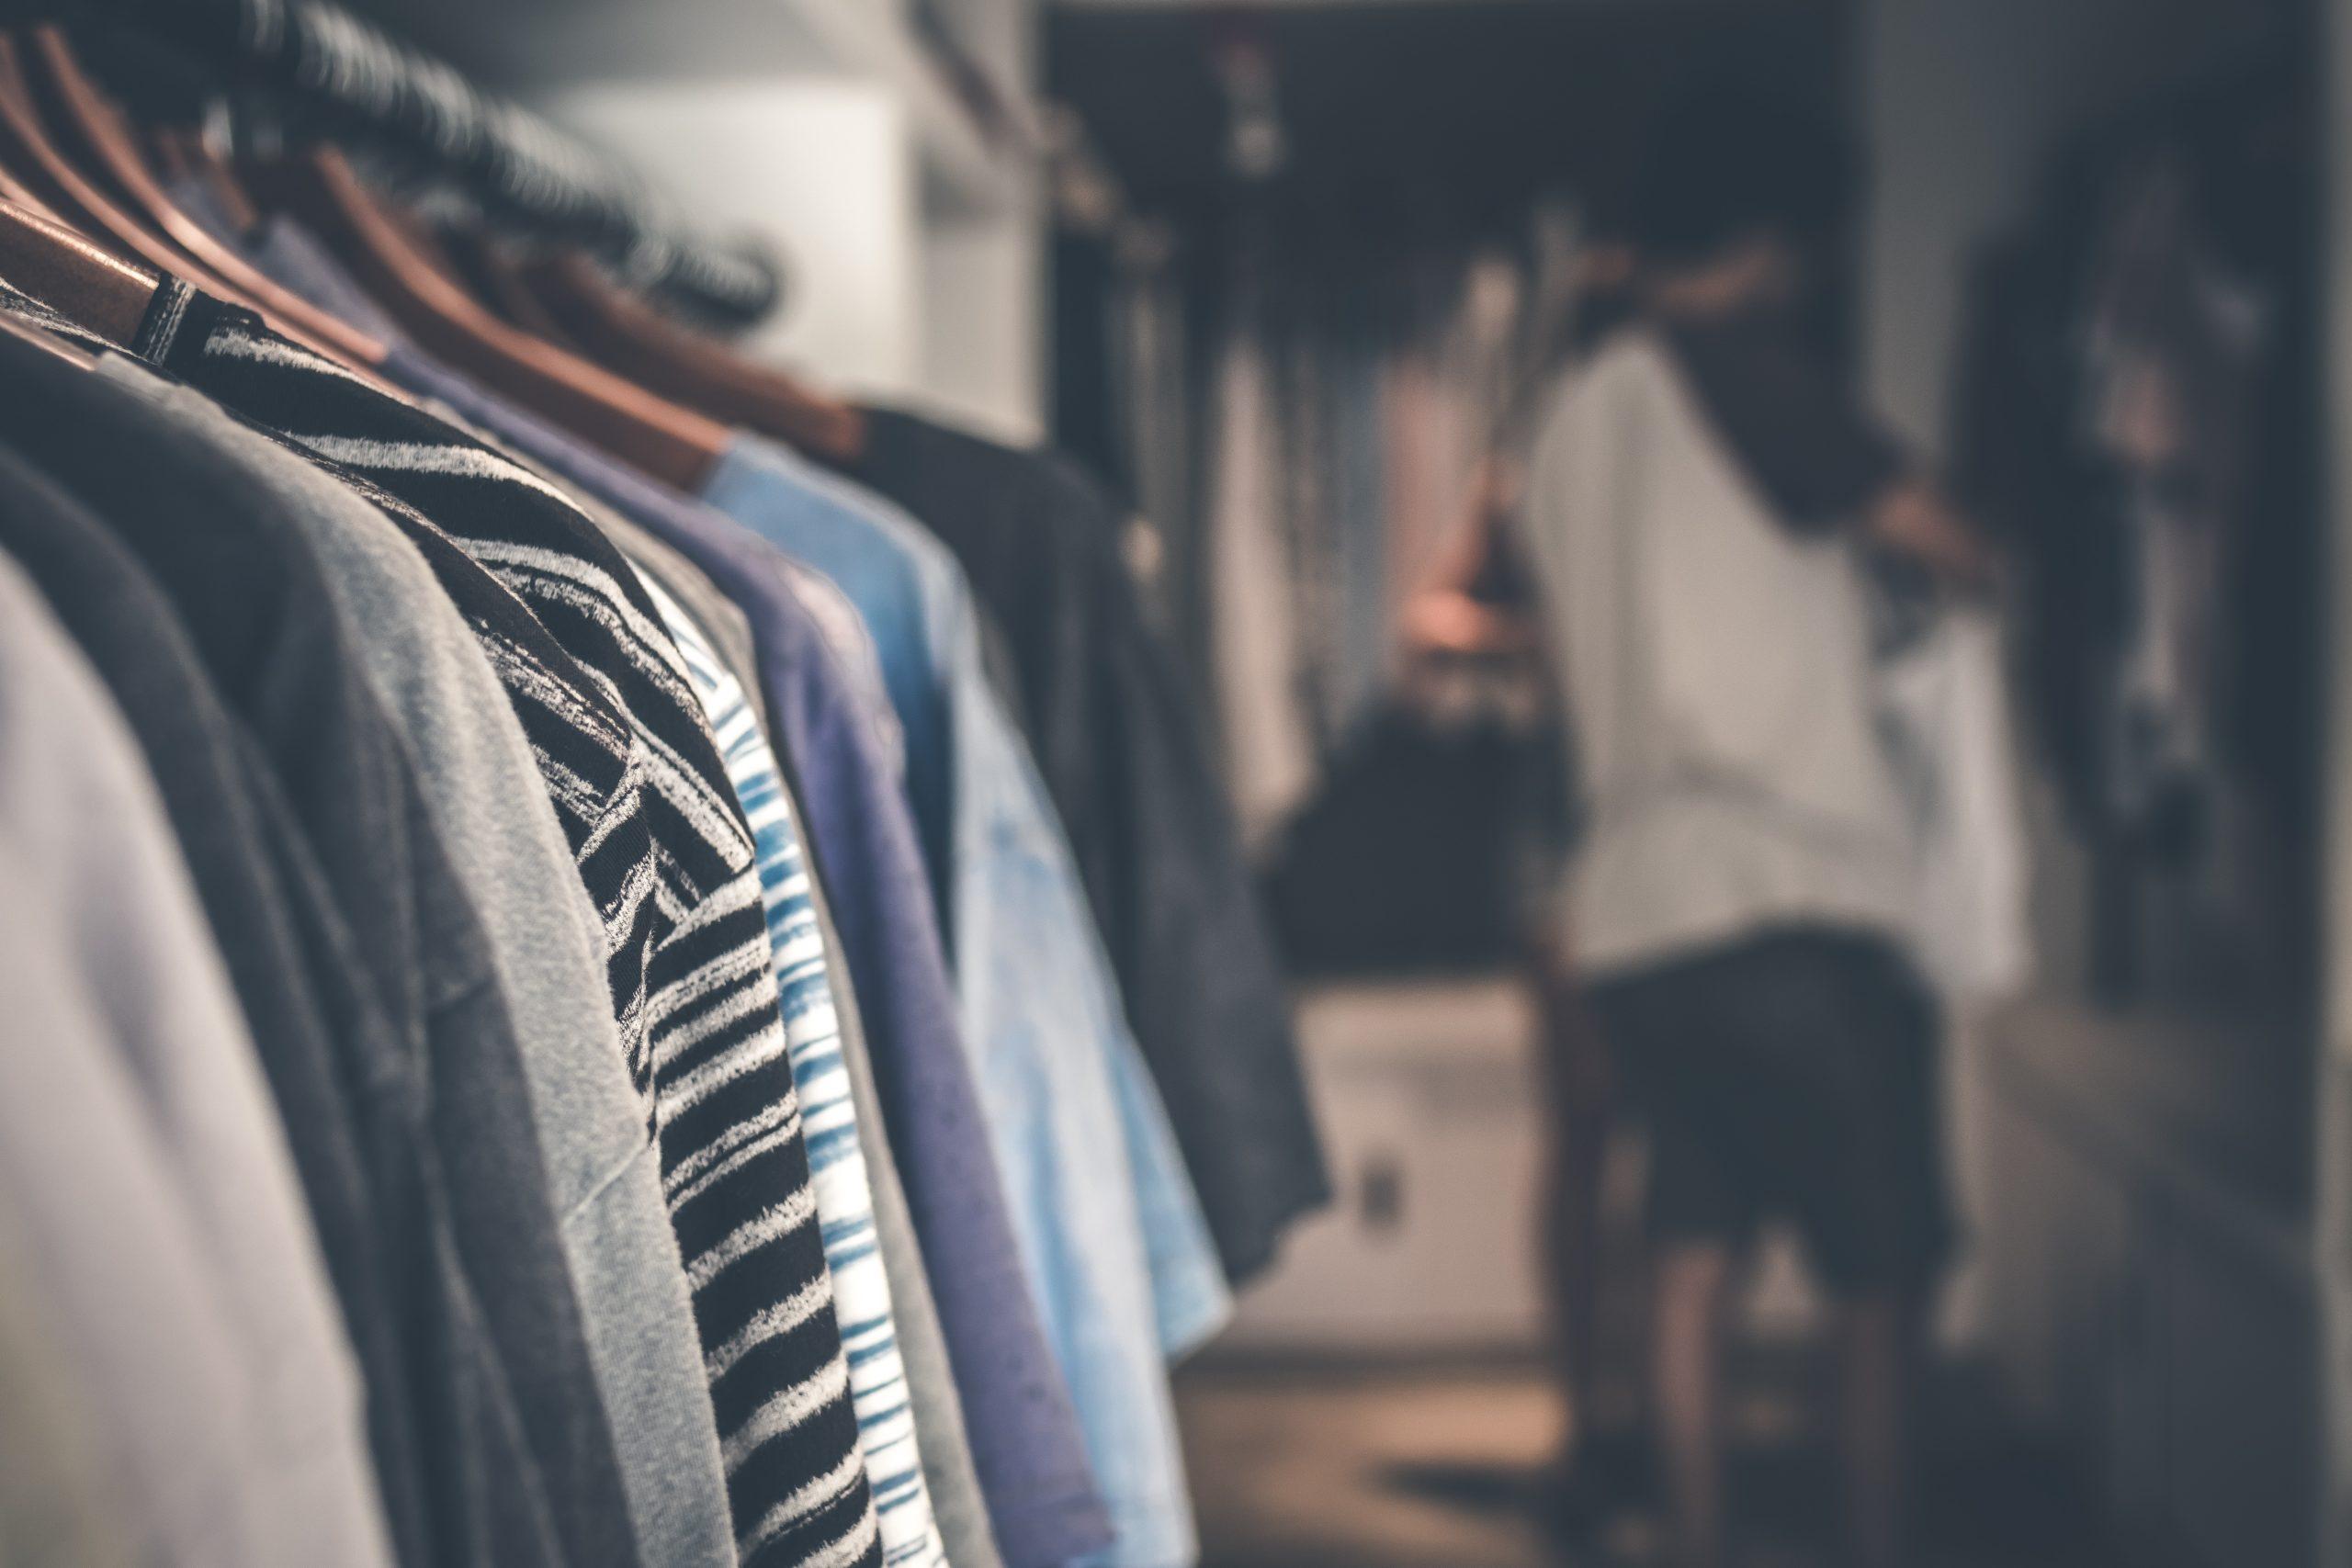 Tackling Clothing Poverty